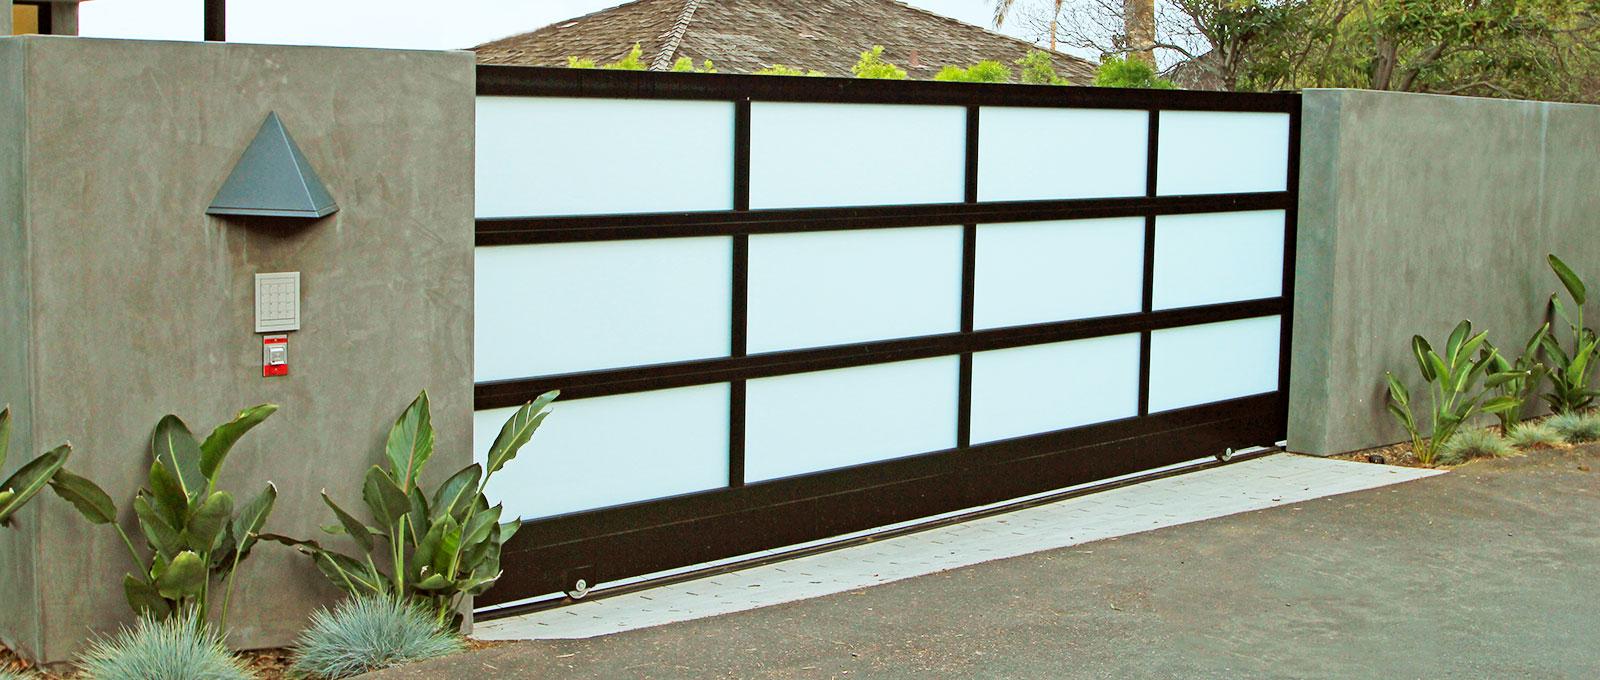 Image Result For Garage Driveway Design